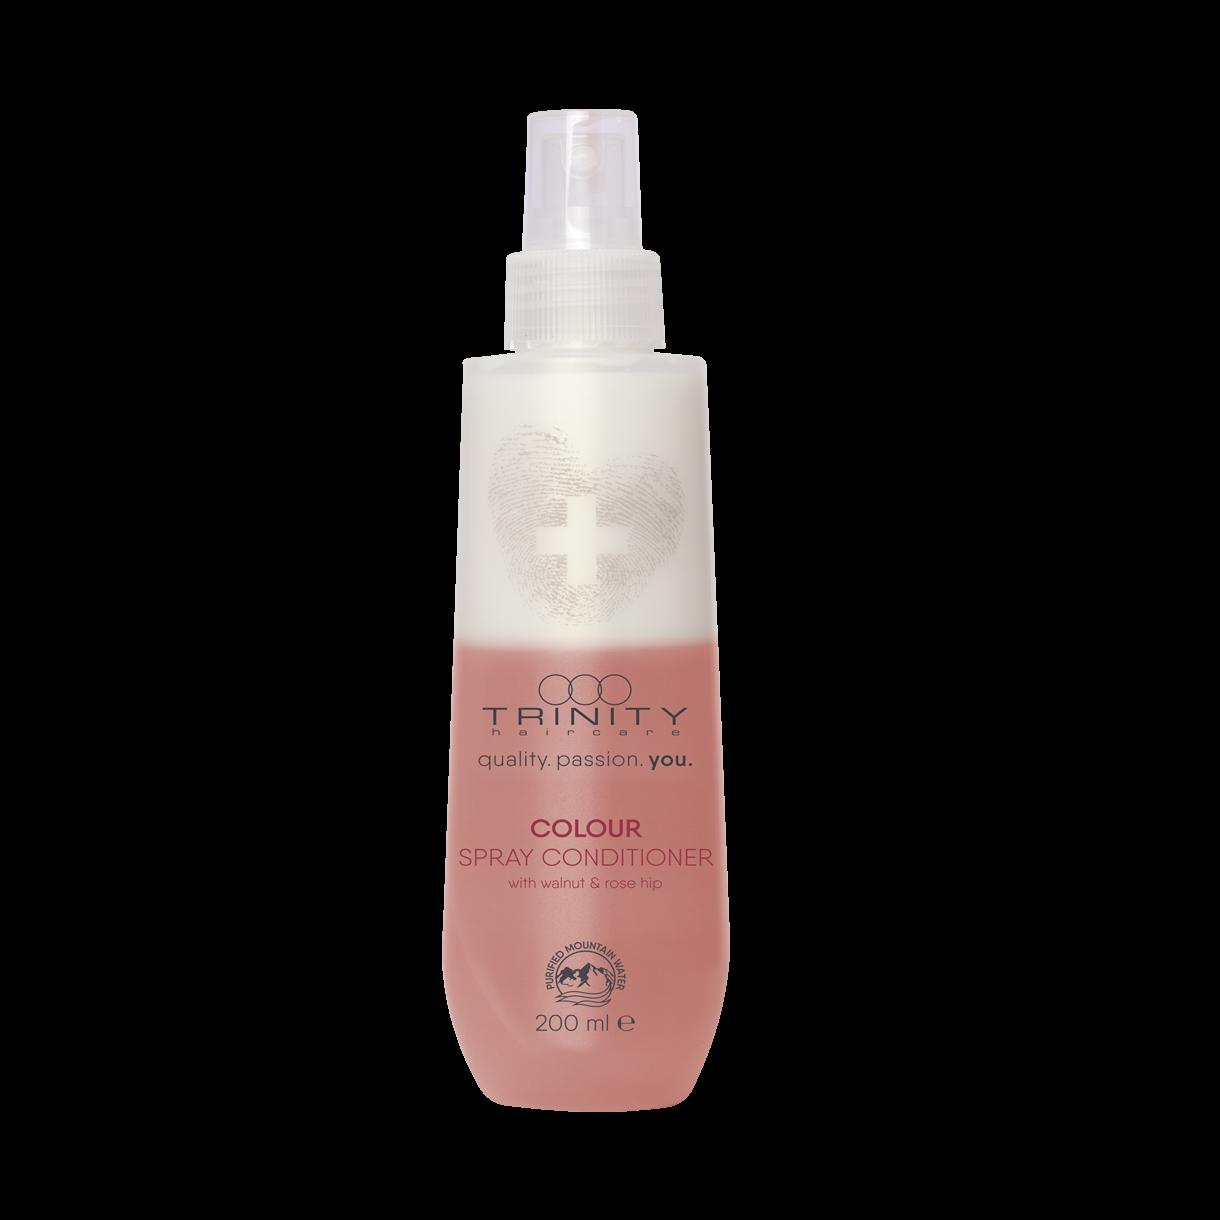 Фото - Trinity Hair Care Спрей-Кондиционер Essentials Colour Spray Conditioner для Окрашенных Волос, 200 мл trinity hair care маска essentials summer mask с уф фильтром 200 мл